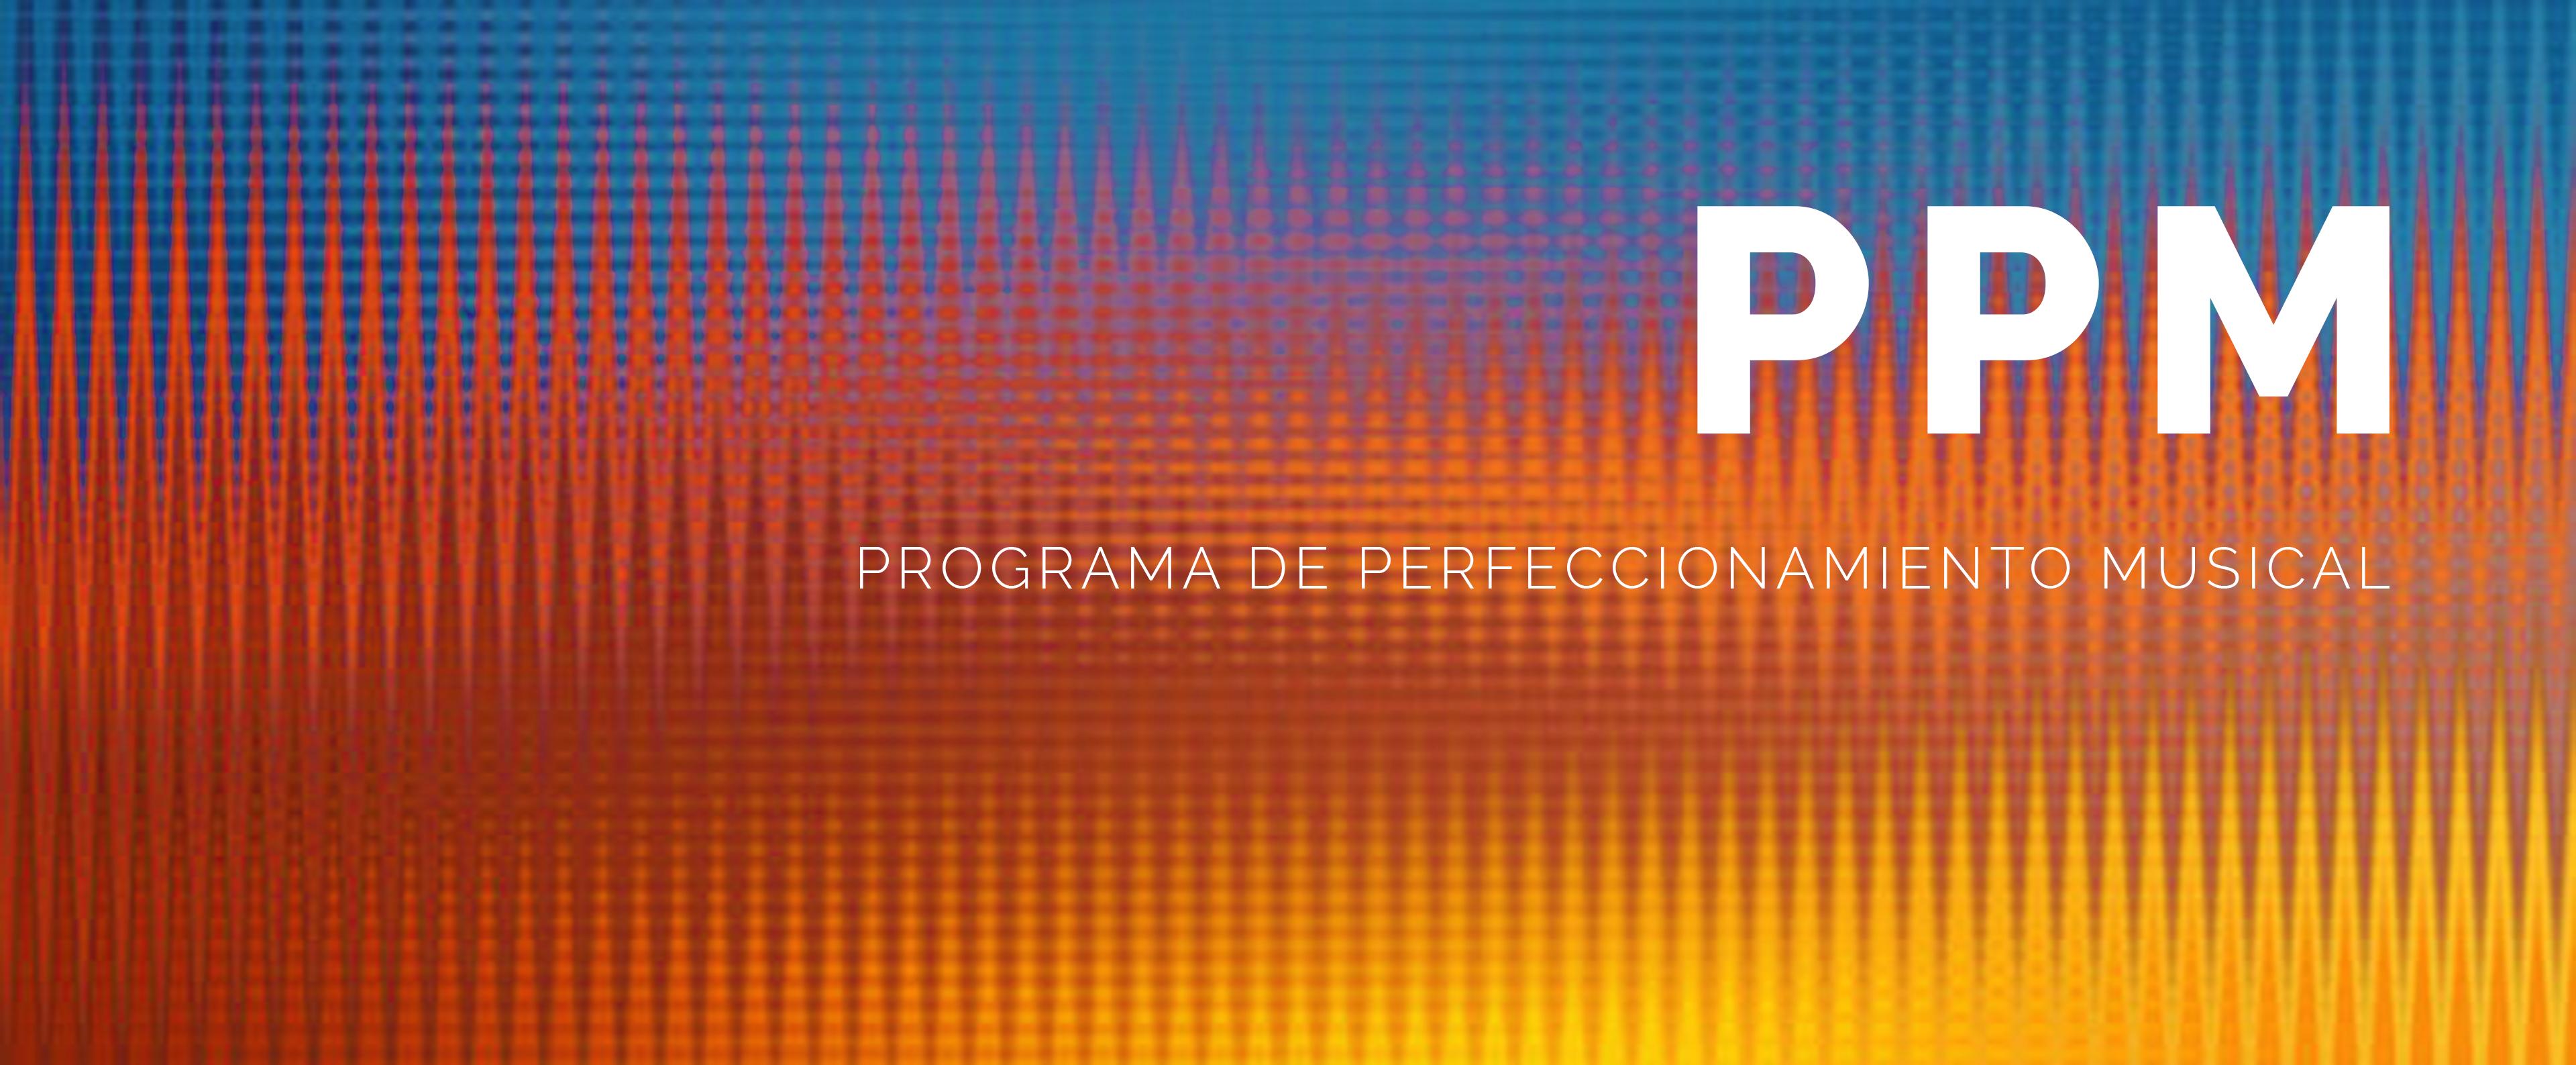 PPM2020—